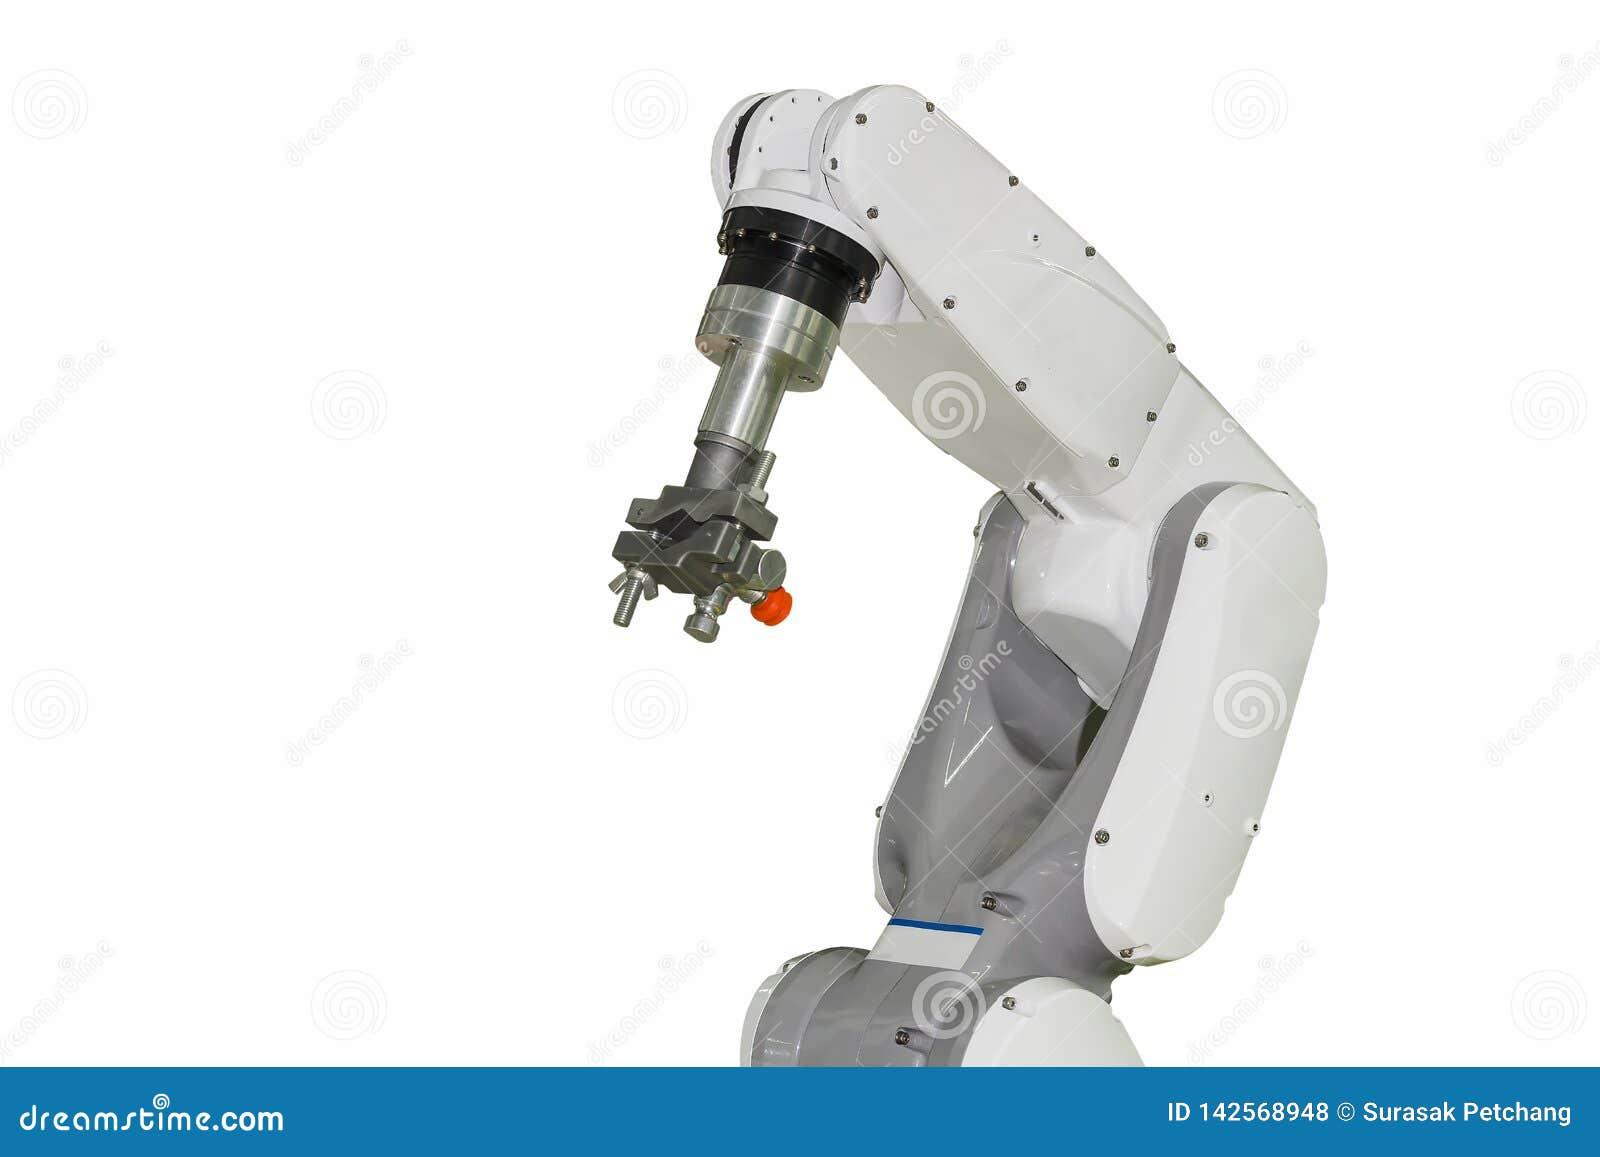 Βιομηχανικός βραχίονας ρομπότ και για πολλές χρήσεις γρήγορο πιάσιμο που απομονώνονται στο άσπρο υπόβαθρο